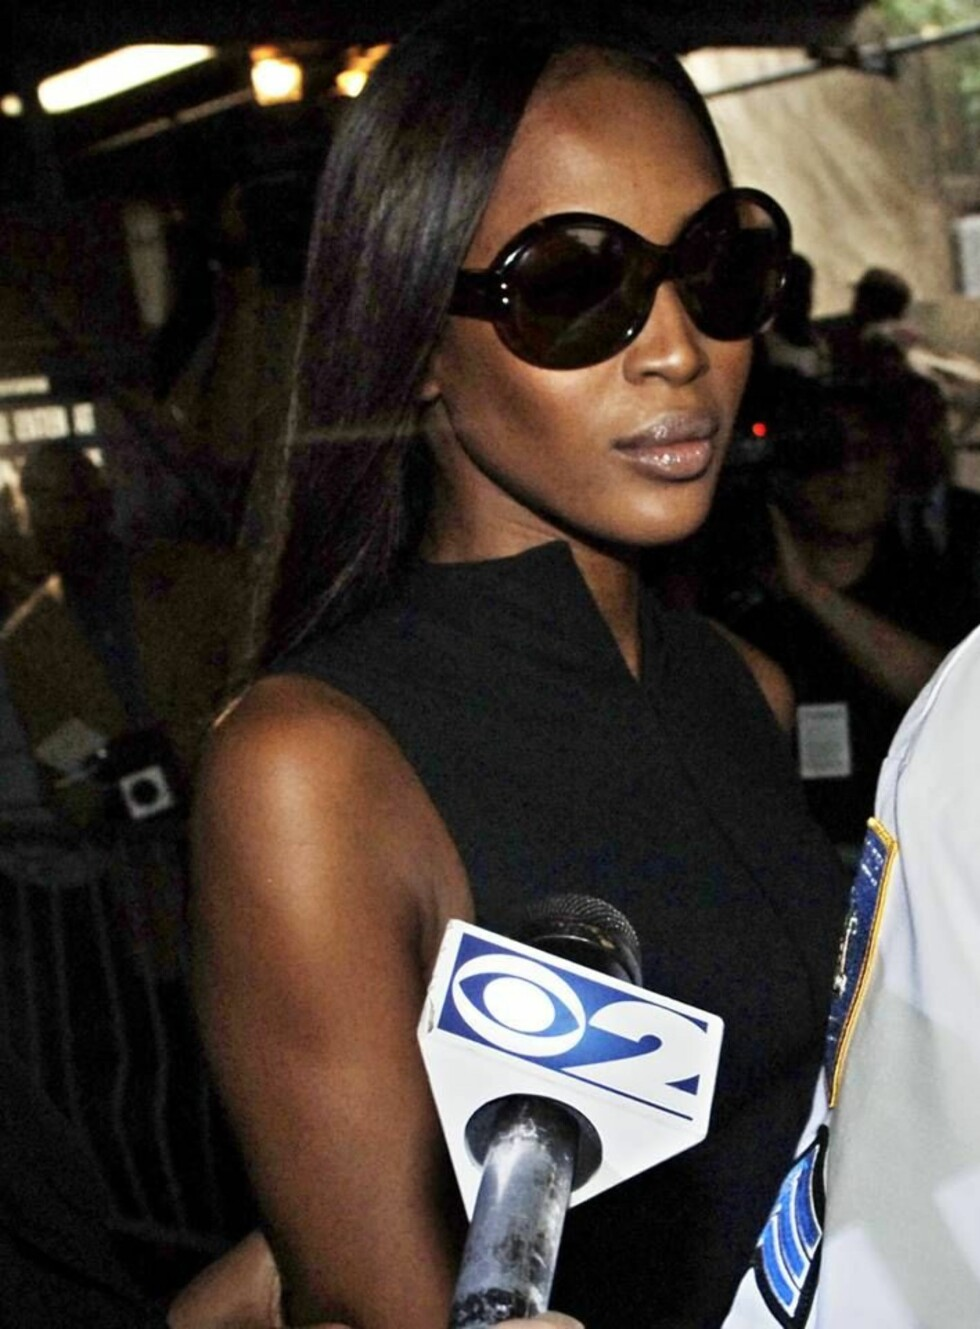 LØSLATT: Naomi Campbell er ute mot kausjon, men må melde seg hos politiet senere denne måneden. Foto: AP